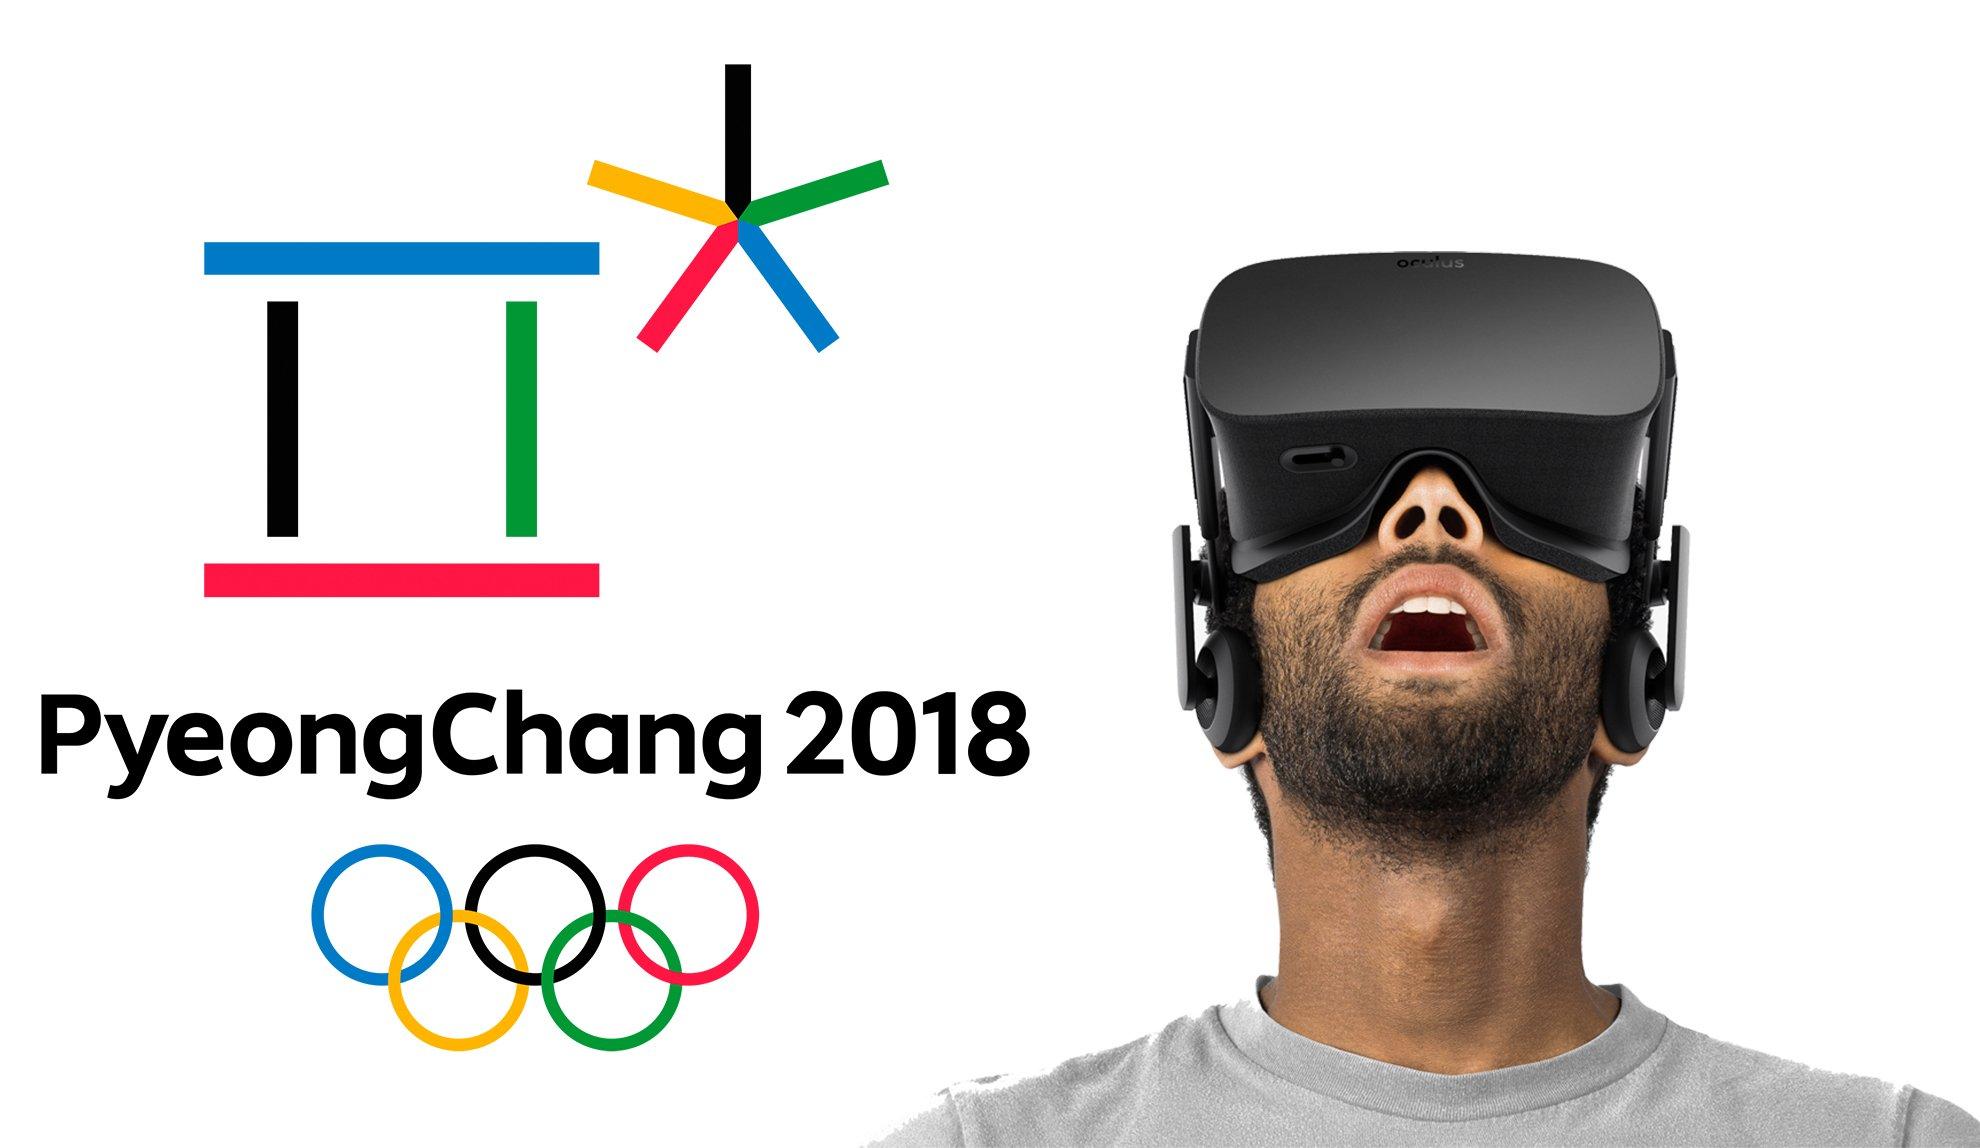 Samsung проведет стрим Олимпийских игр в 2018 году, используя VR-технологии